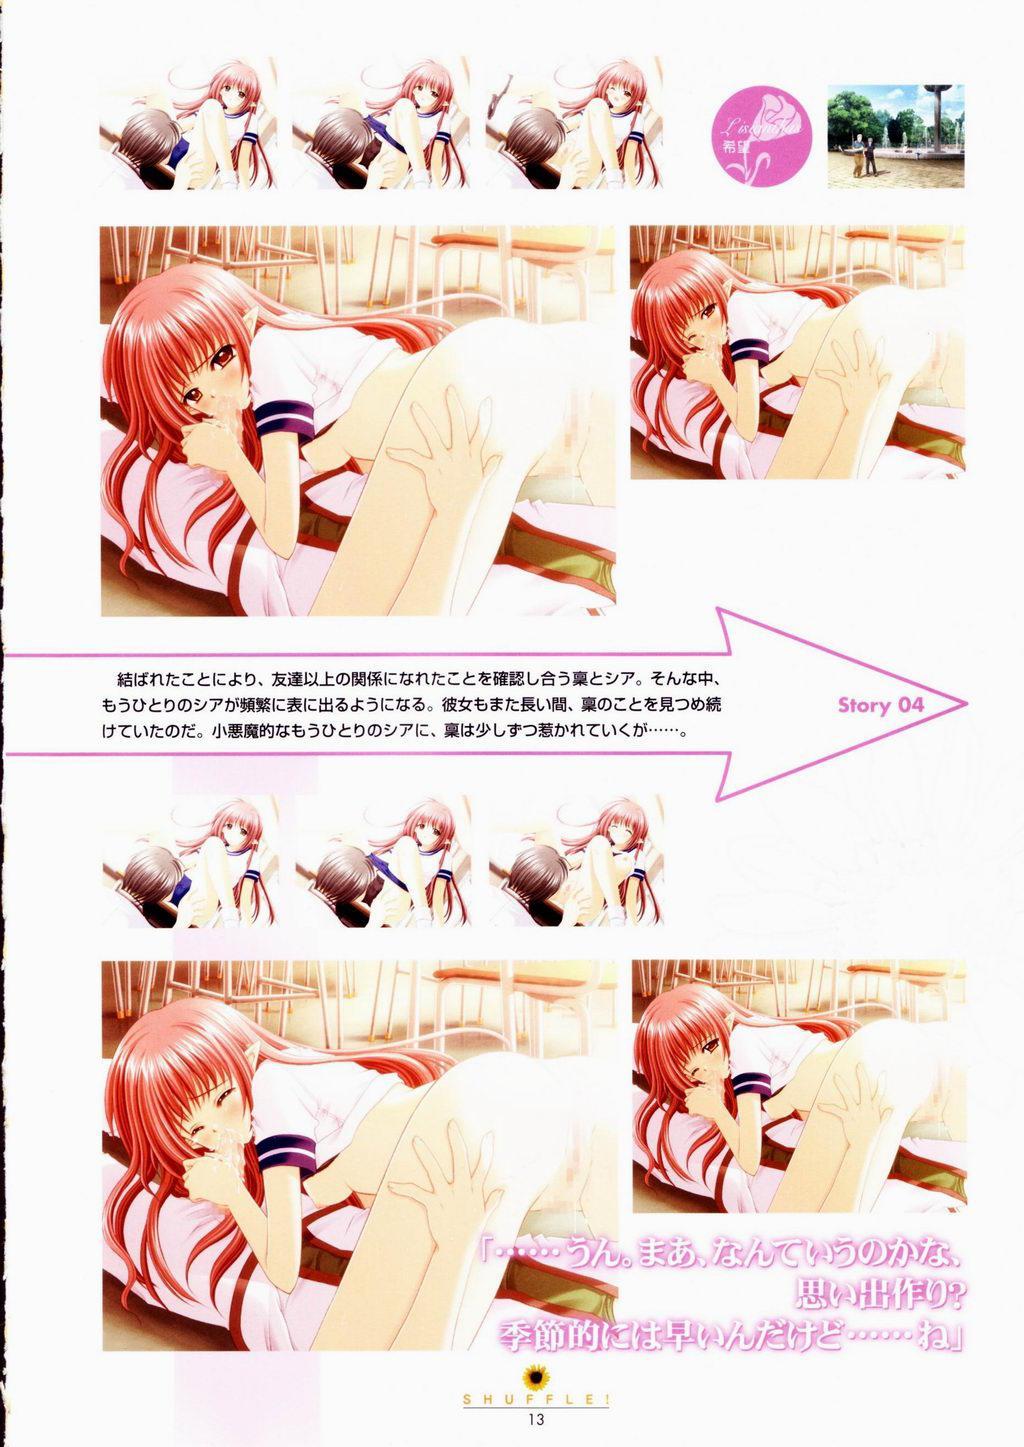 SHUFFLE! Visual Fan Book 13